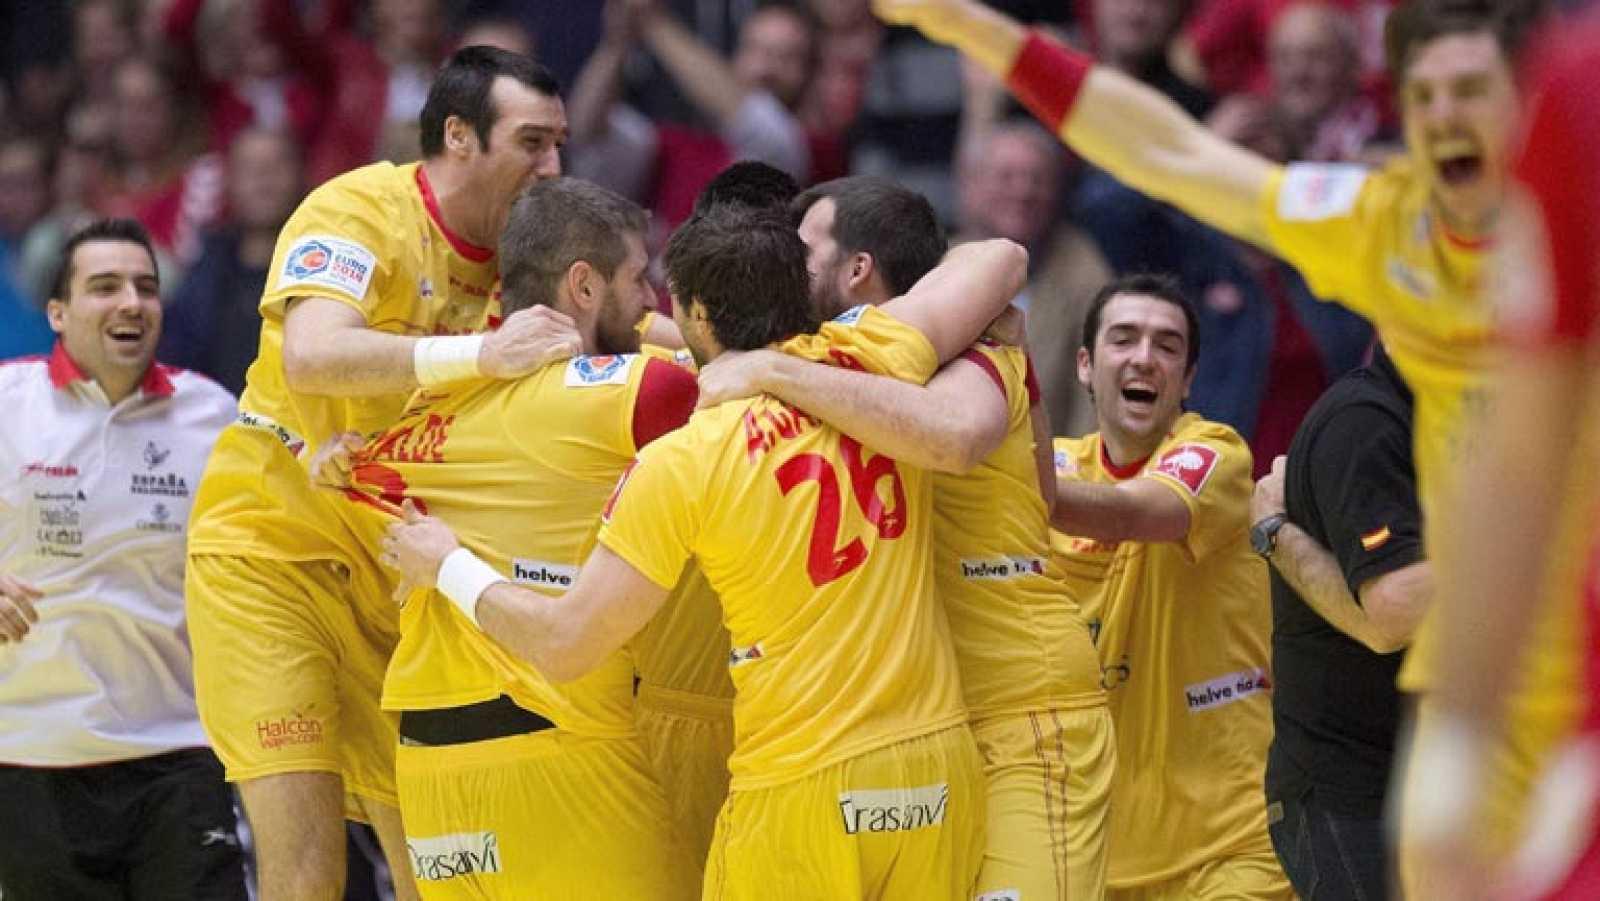 Para todos los públicos España conquista el bronce en el Europeo de  balonmano reproducir video 924e0208d13bd